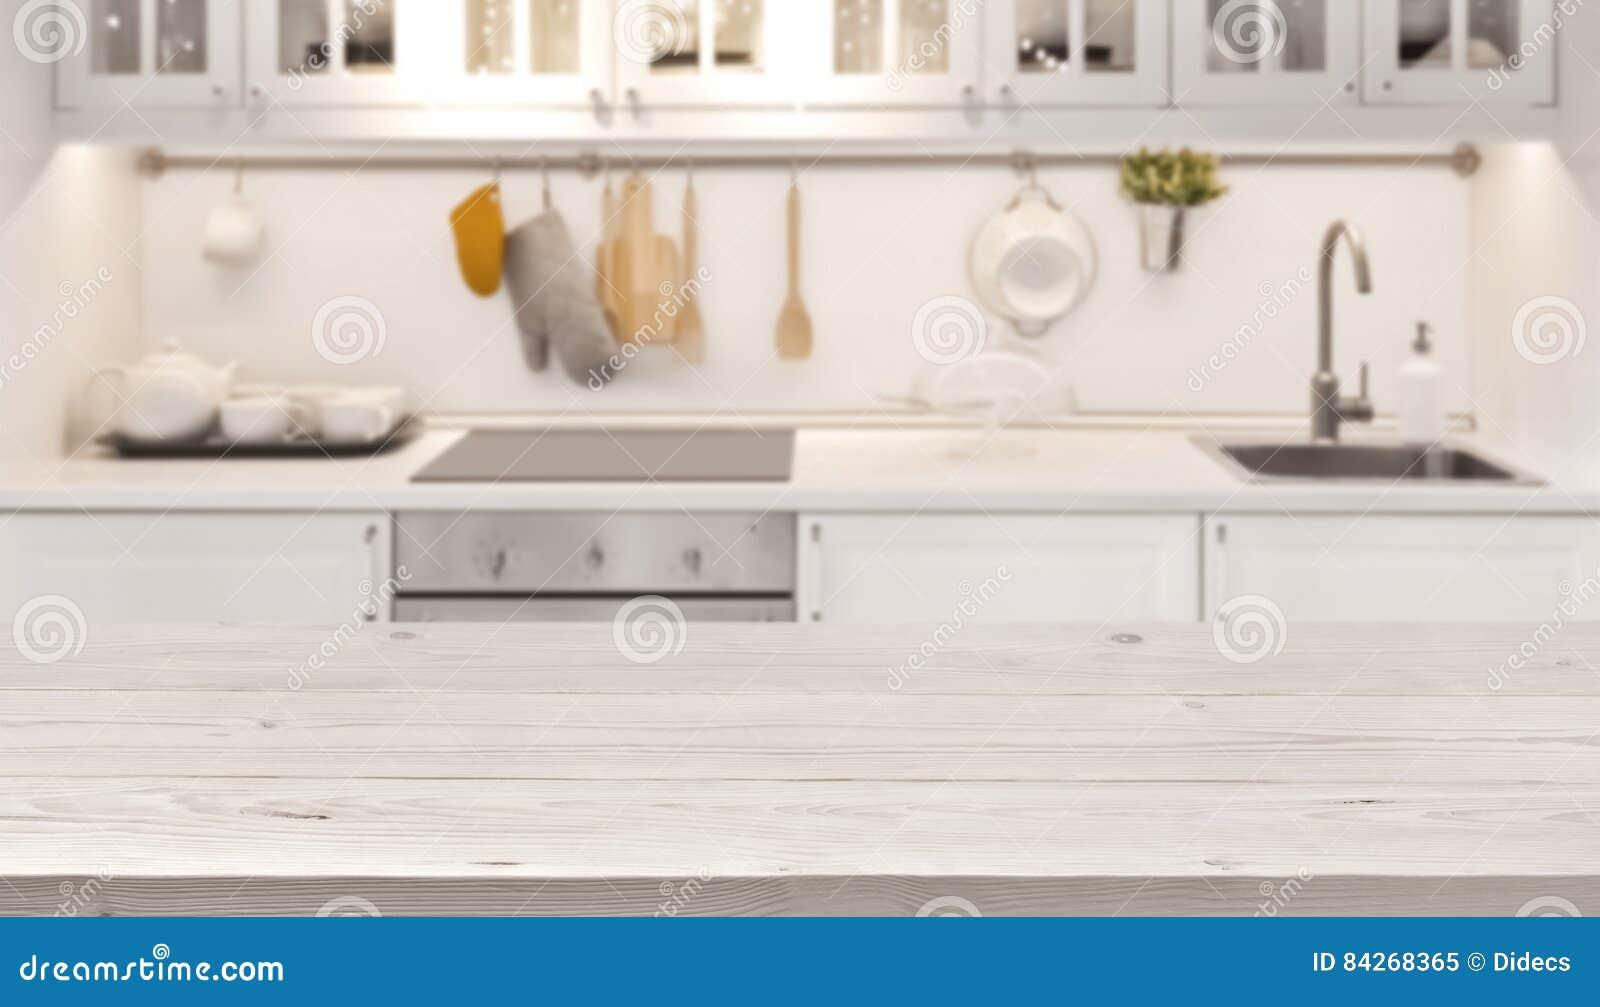 Parte superior de mesa de cozinha e fundo do borrão de cozinhar o interior da zona